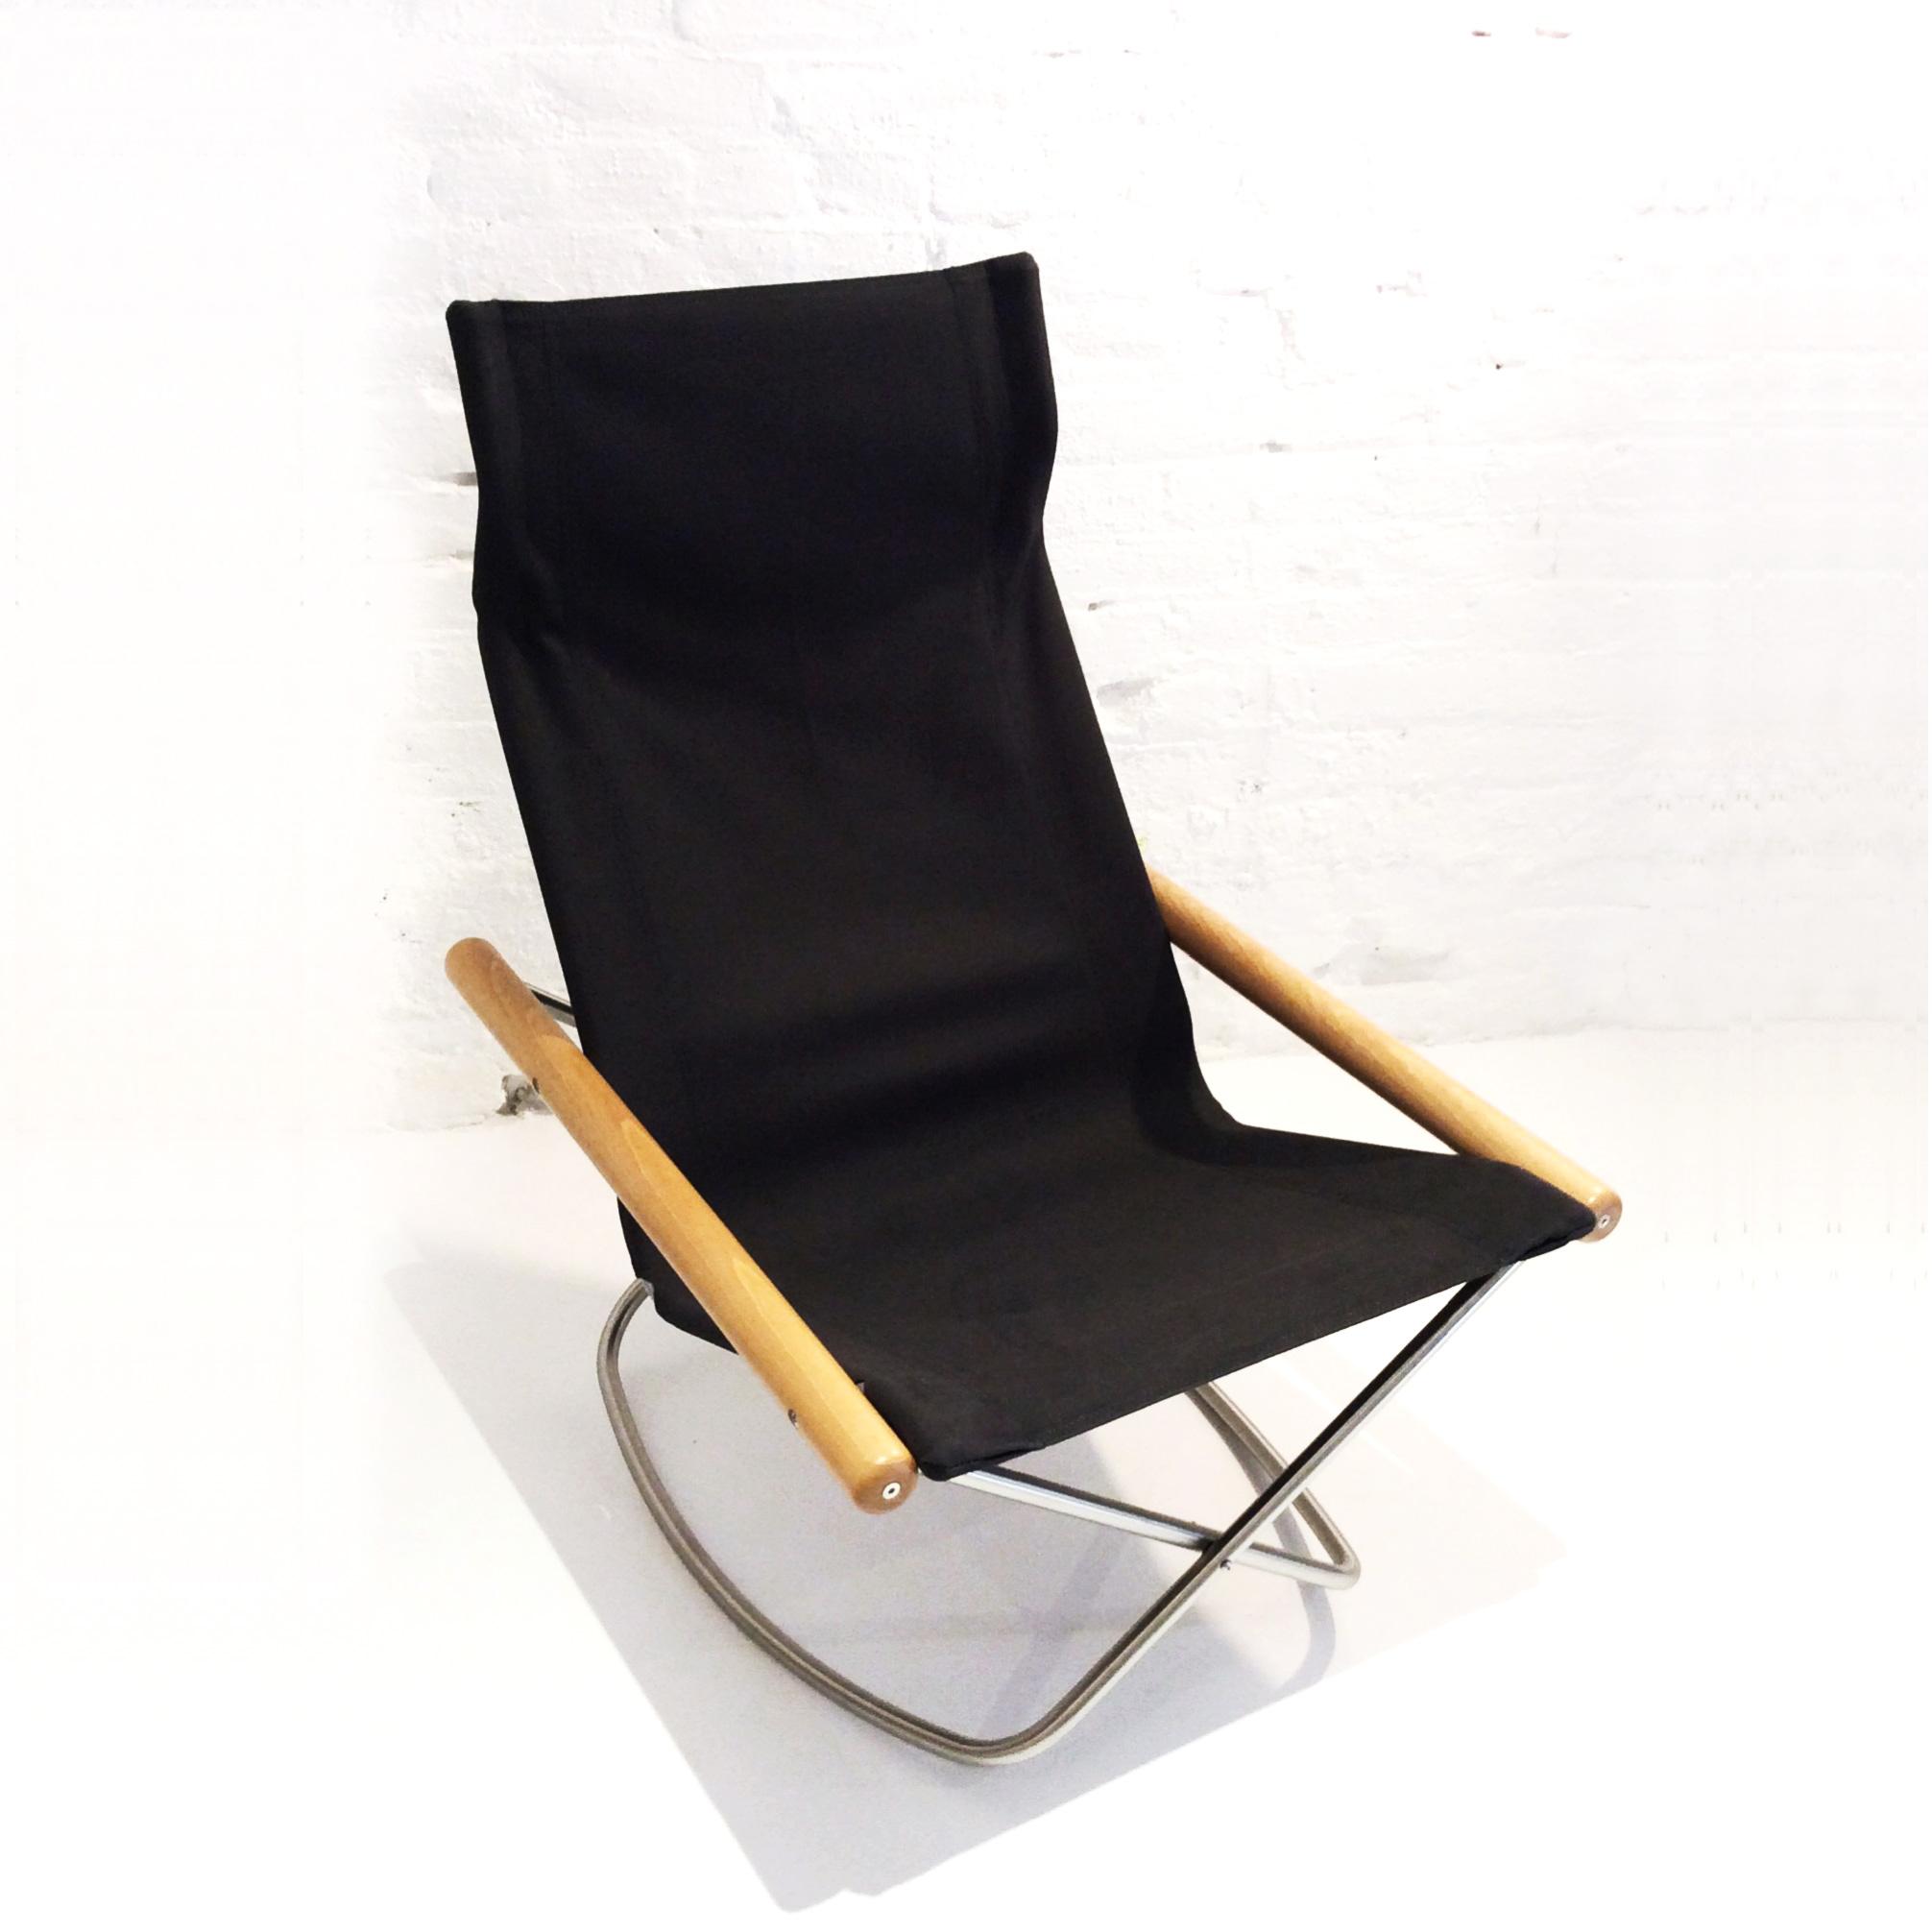 ny chair rocker